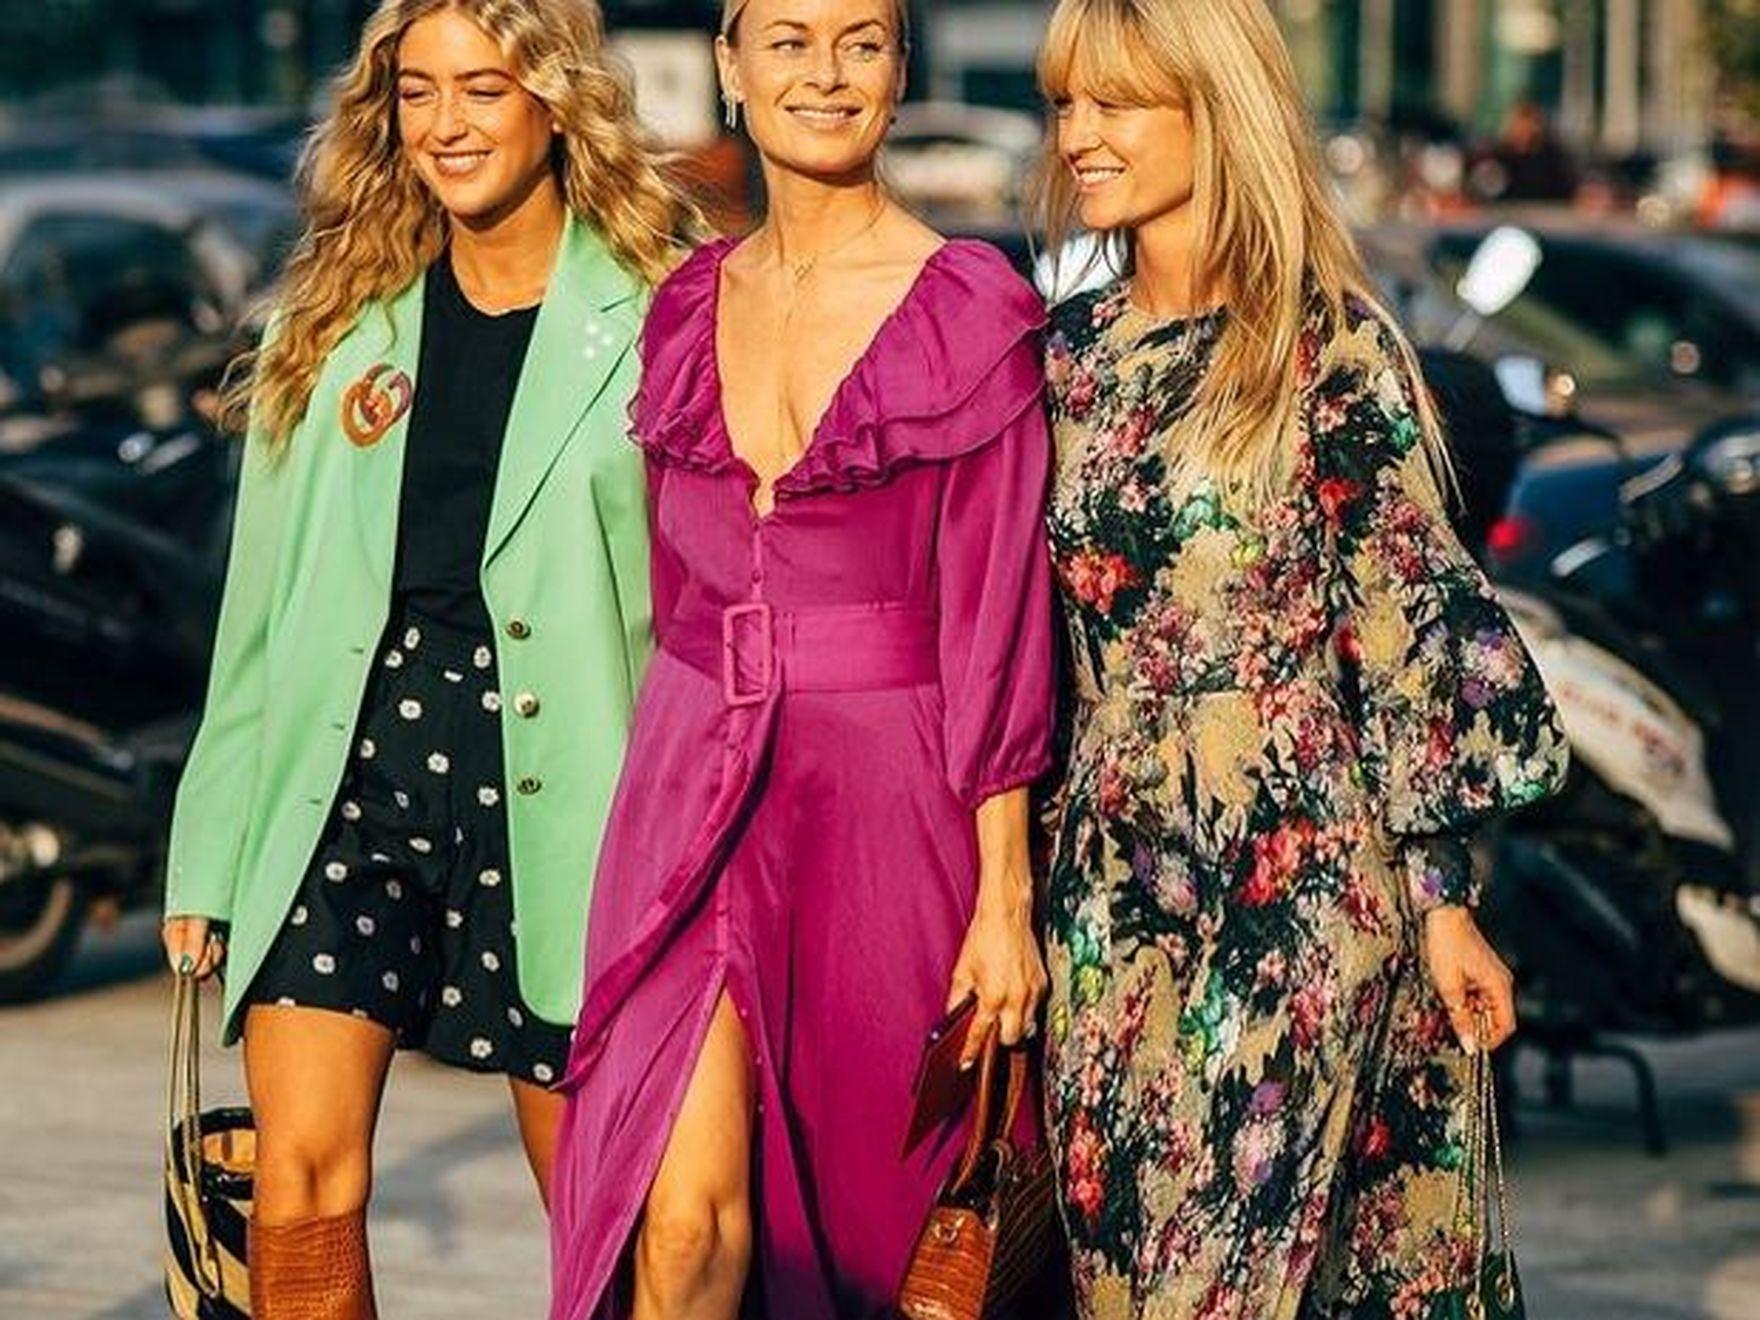 Tanie i modne sukienki na jesień! Znalazłyśmy perełki cenowe, które zaskoczą cię świetnym designem